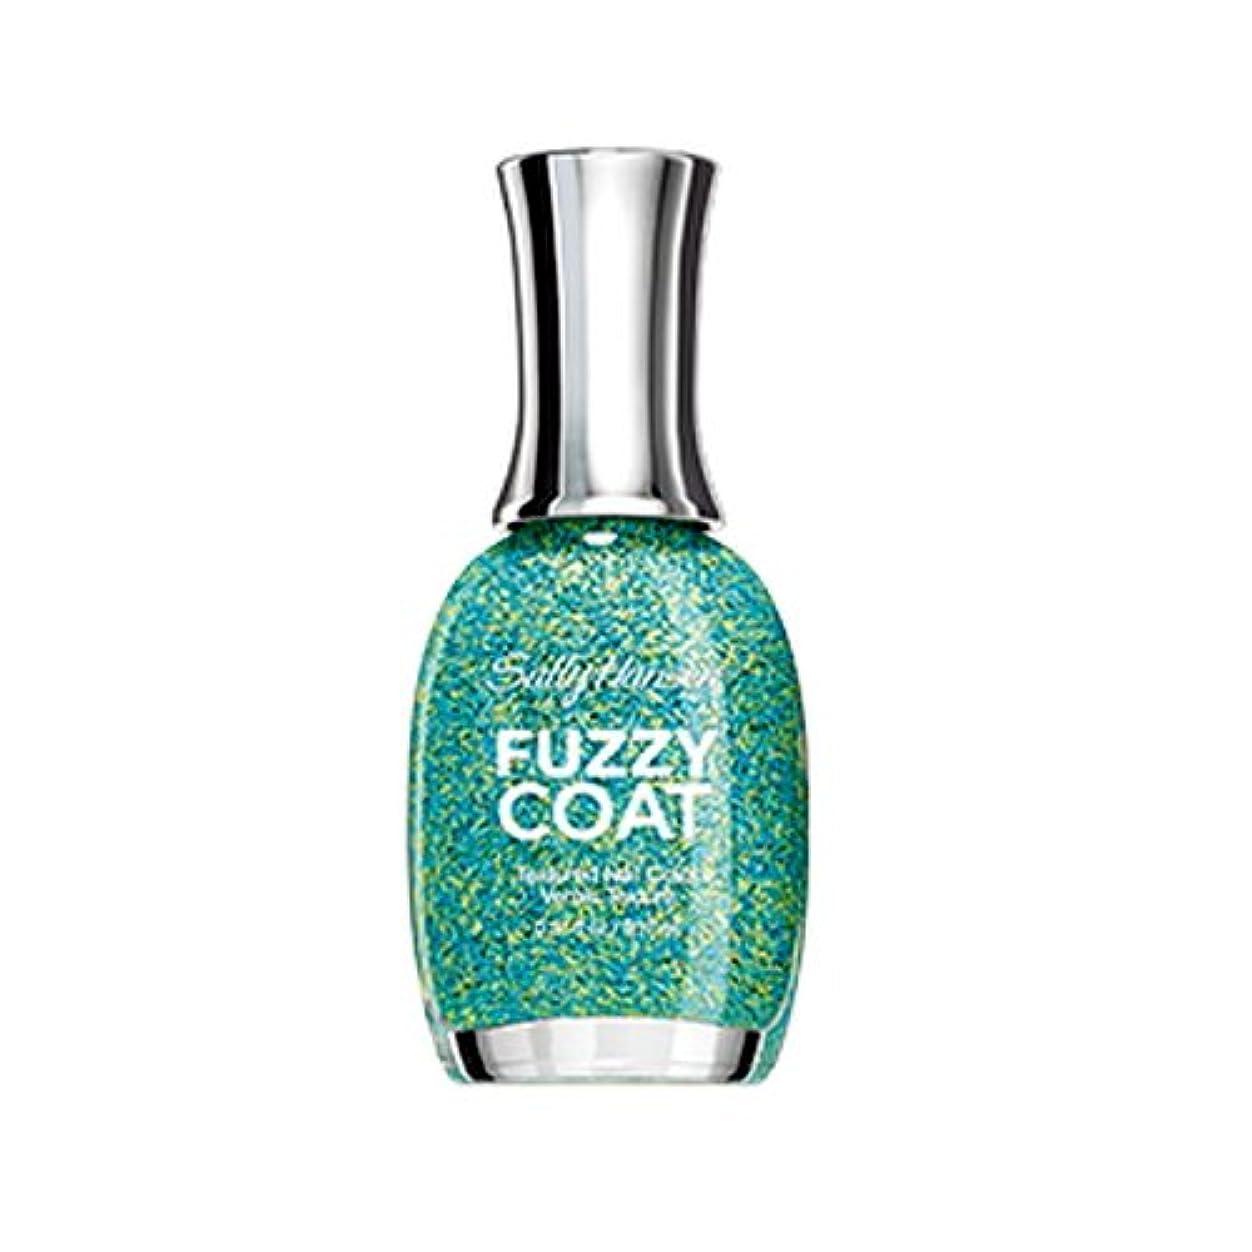 ブリークレンチ違法(6 Pack) SALLY HANSEN Fuzzy Coat Special Effect Textured Nail Color - Fuzz-Sea (並行輸入品)